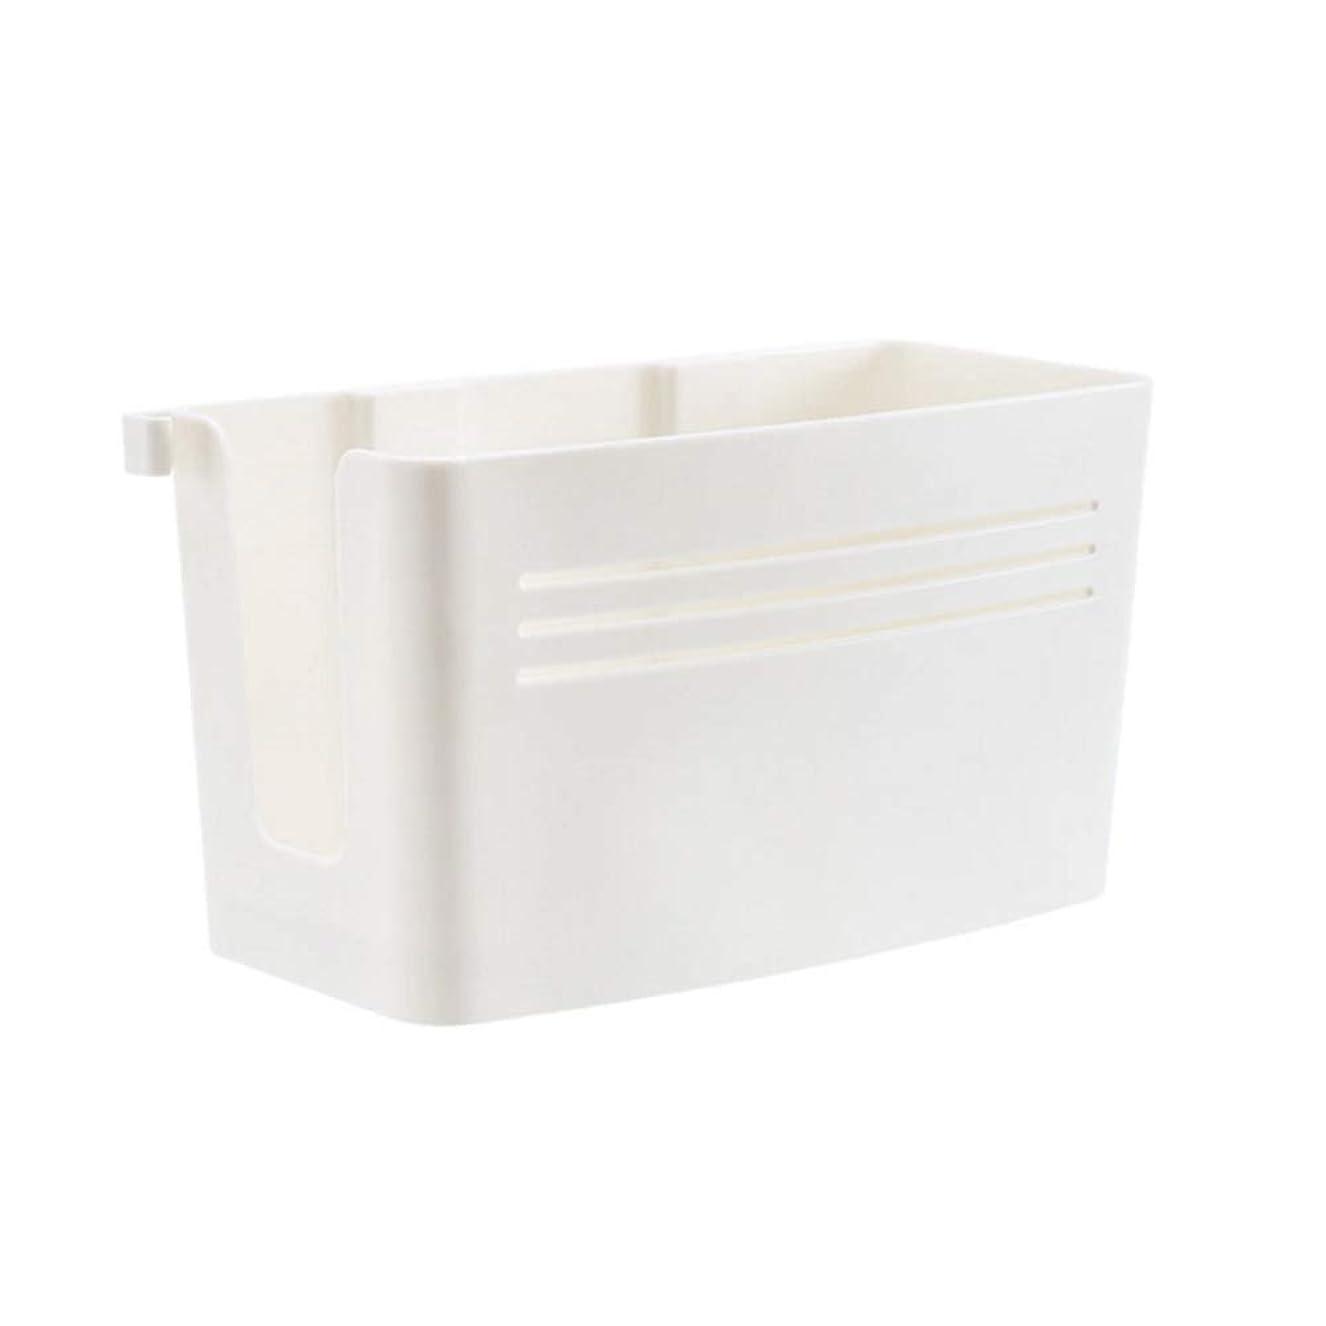 アンプ密接に非効率的なドライヤー 収納 ドライヤーホルダー ヘアドライヤー アクセサリー 小物 収納ボックス オーガナイザー 穴あけ不要 壁掛け 取り外し可能 取り付け簡単 (ホワイト)